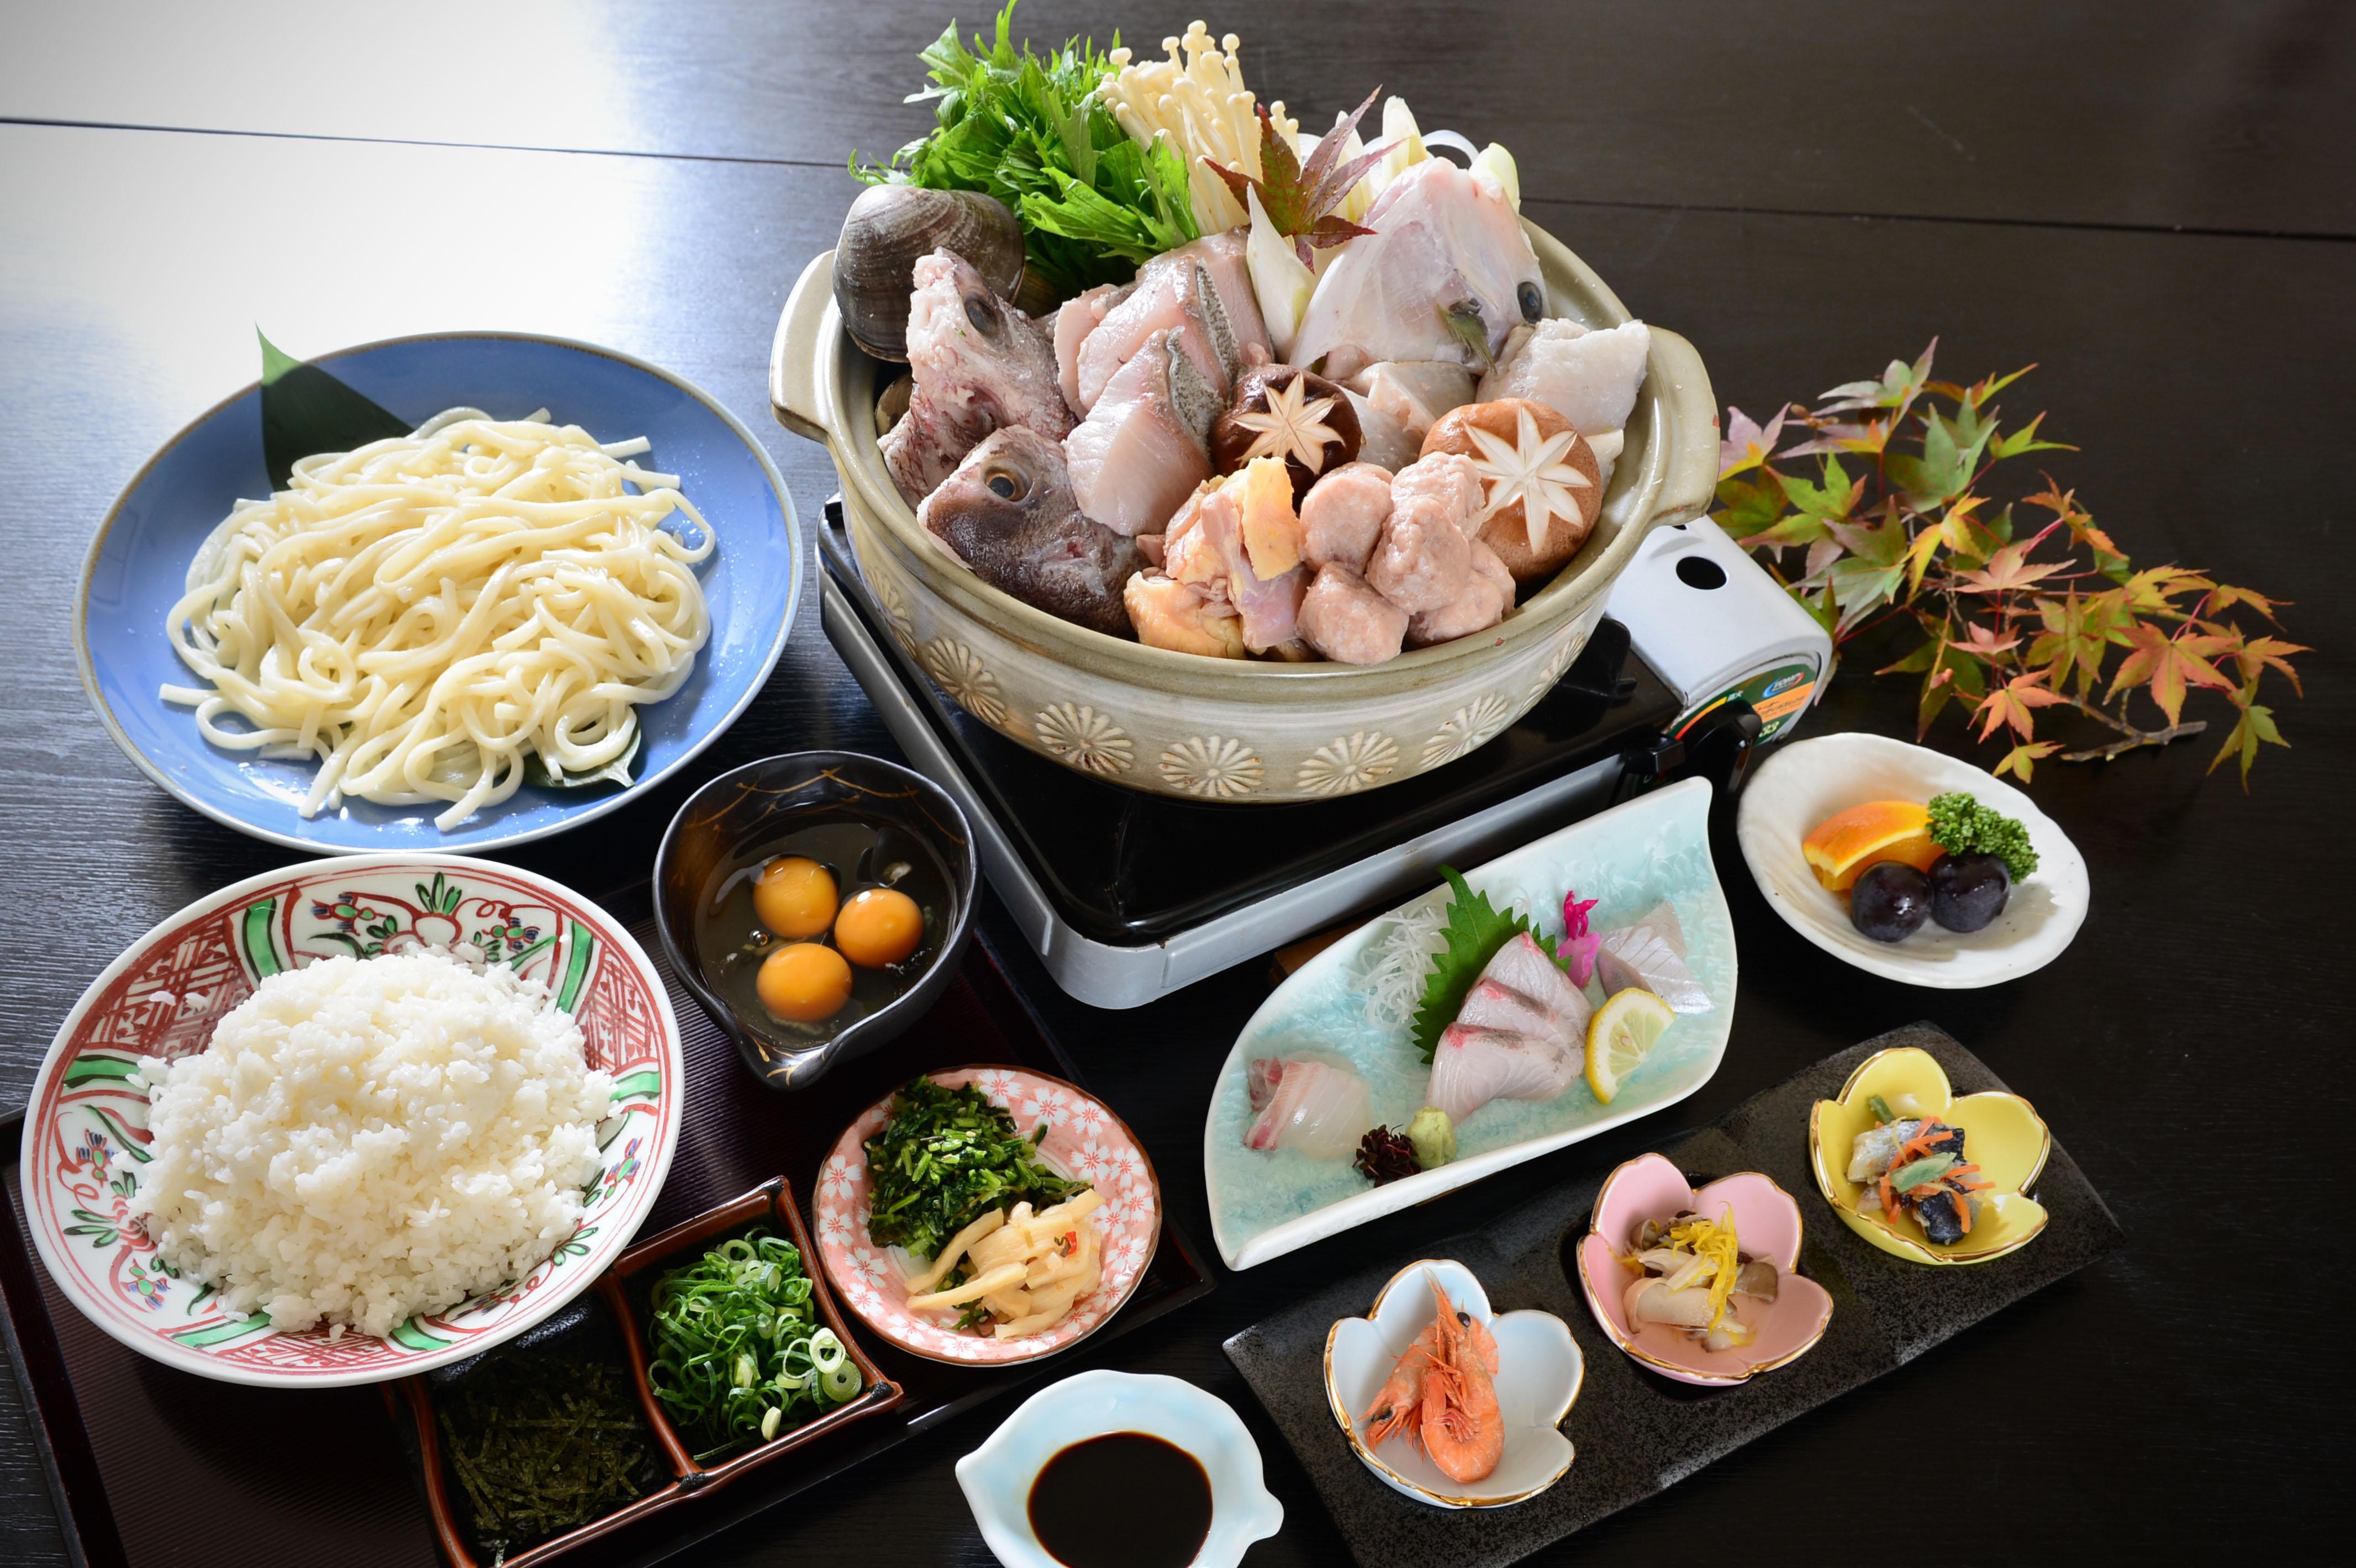 豚チゲと漁師鍋と2種類から選べる鍋コース